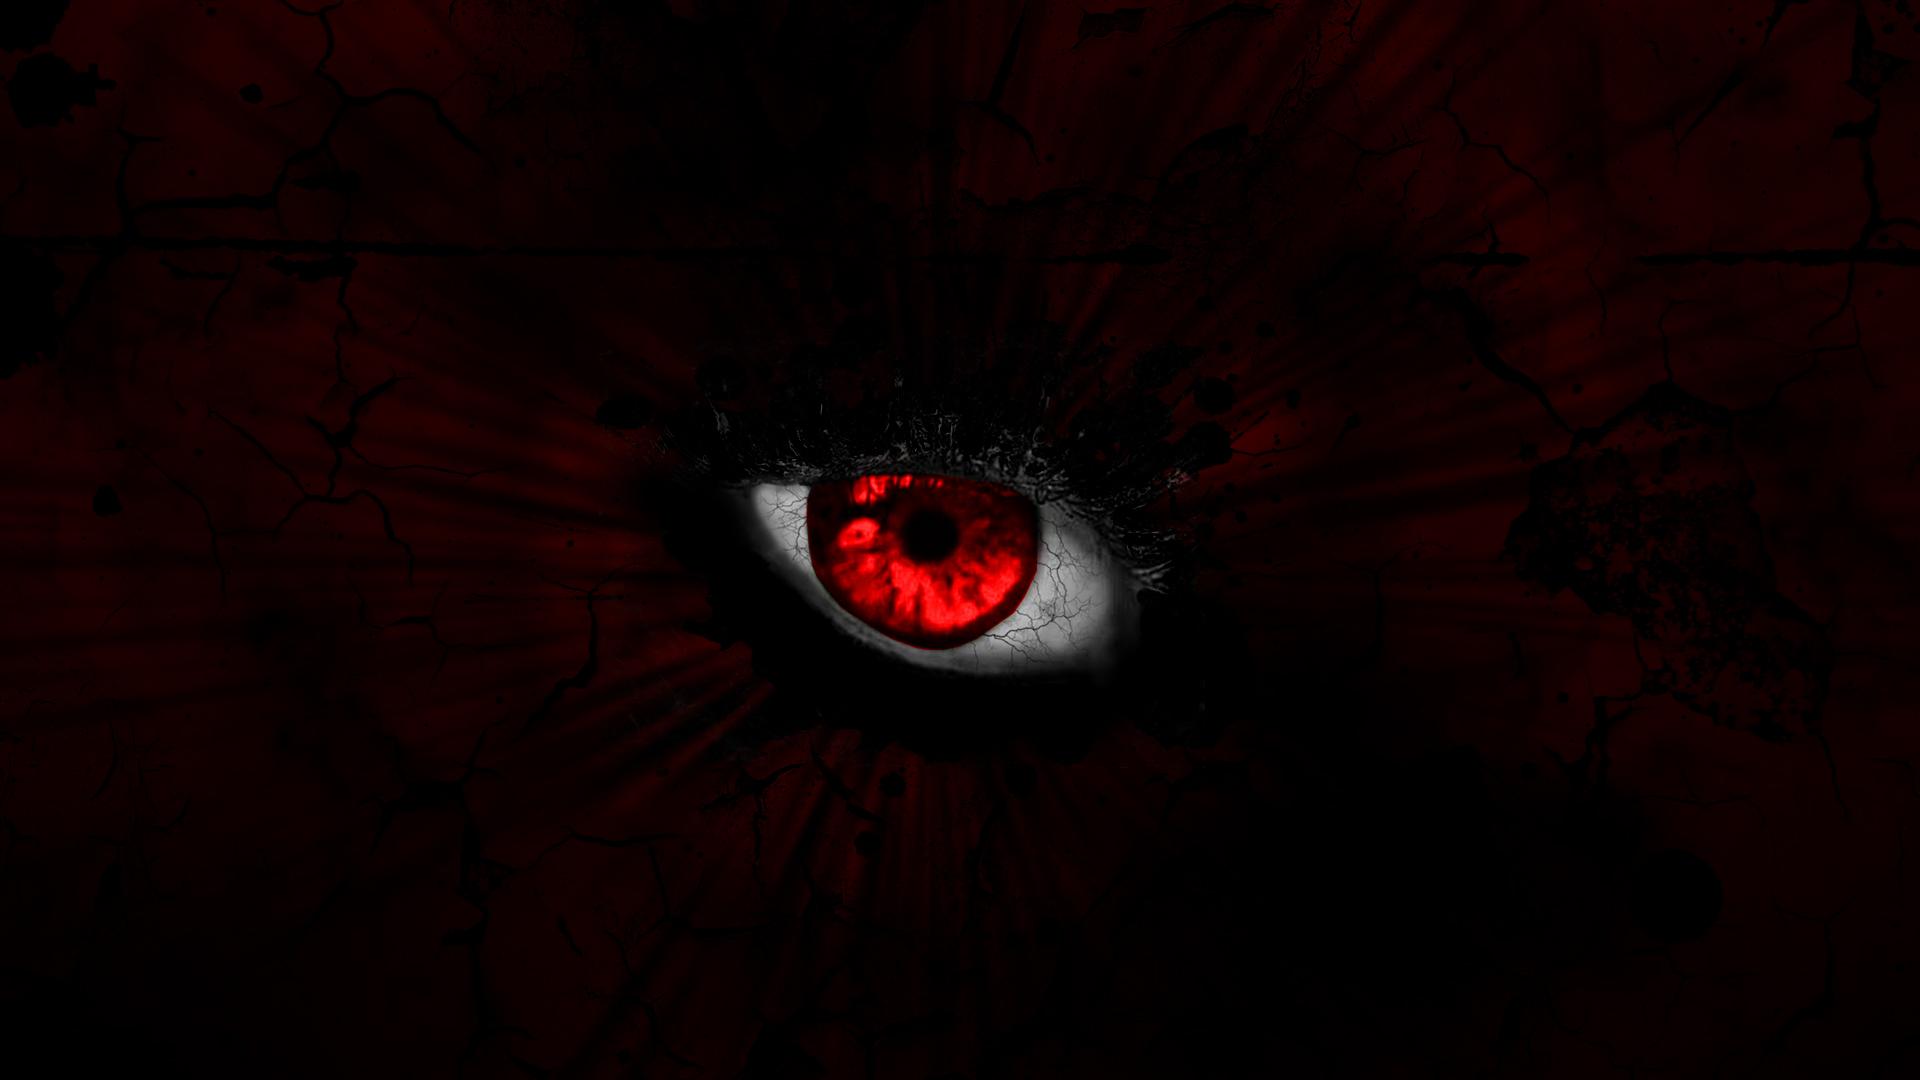 Devil's eye (Wallpaper) by Hardii